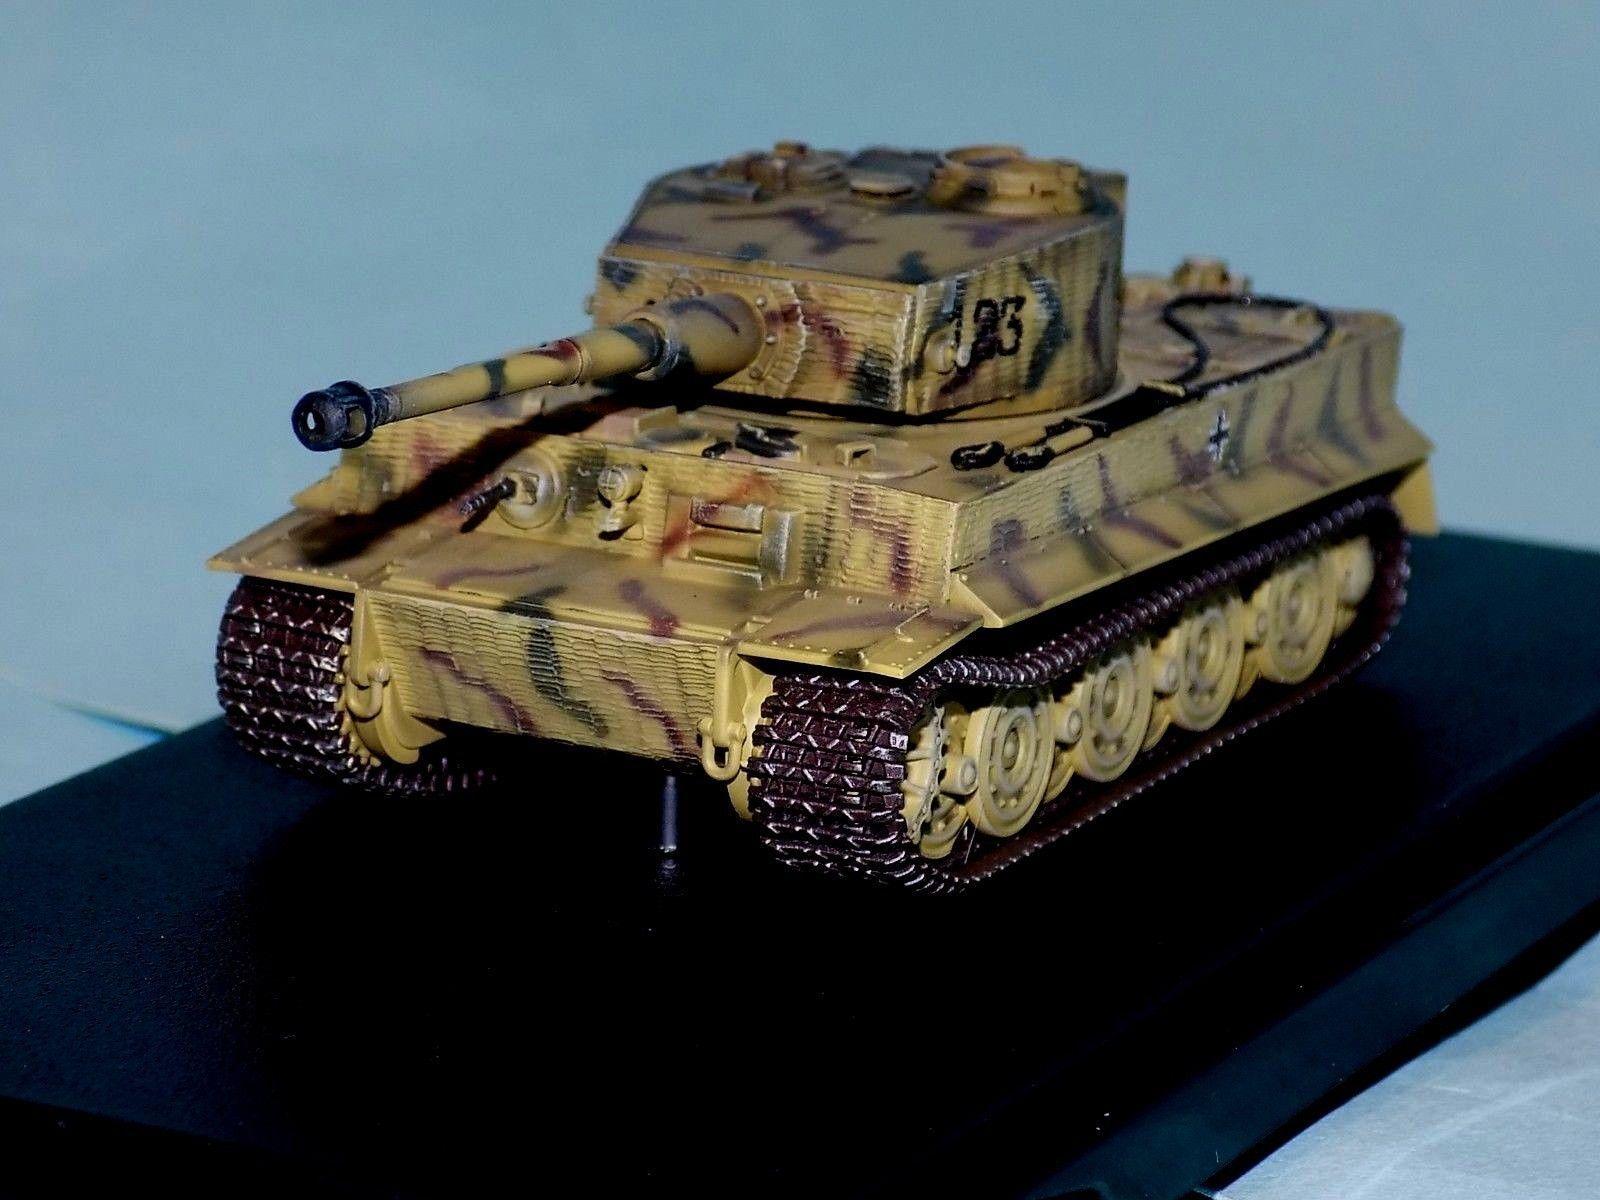 barato y de alta calidad Tiger I I I kurzmaul Expo versión frente oriental 1943 armadura de dragón 60320 1 72  encuentra tu favorito aquí